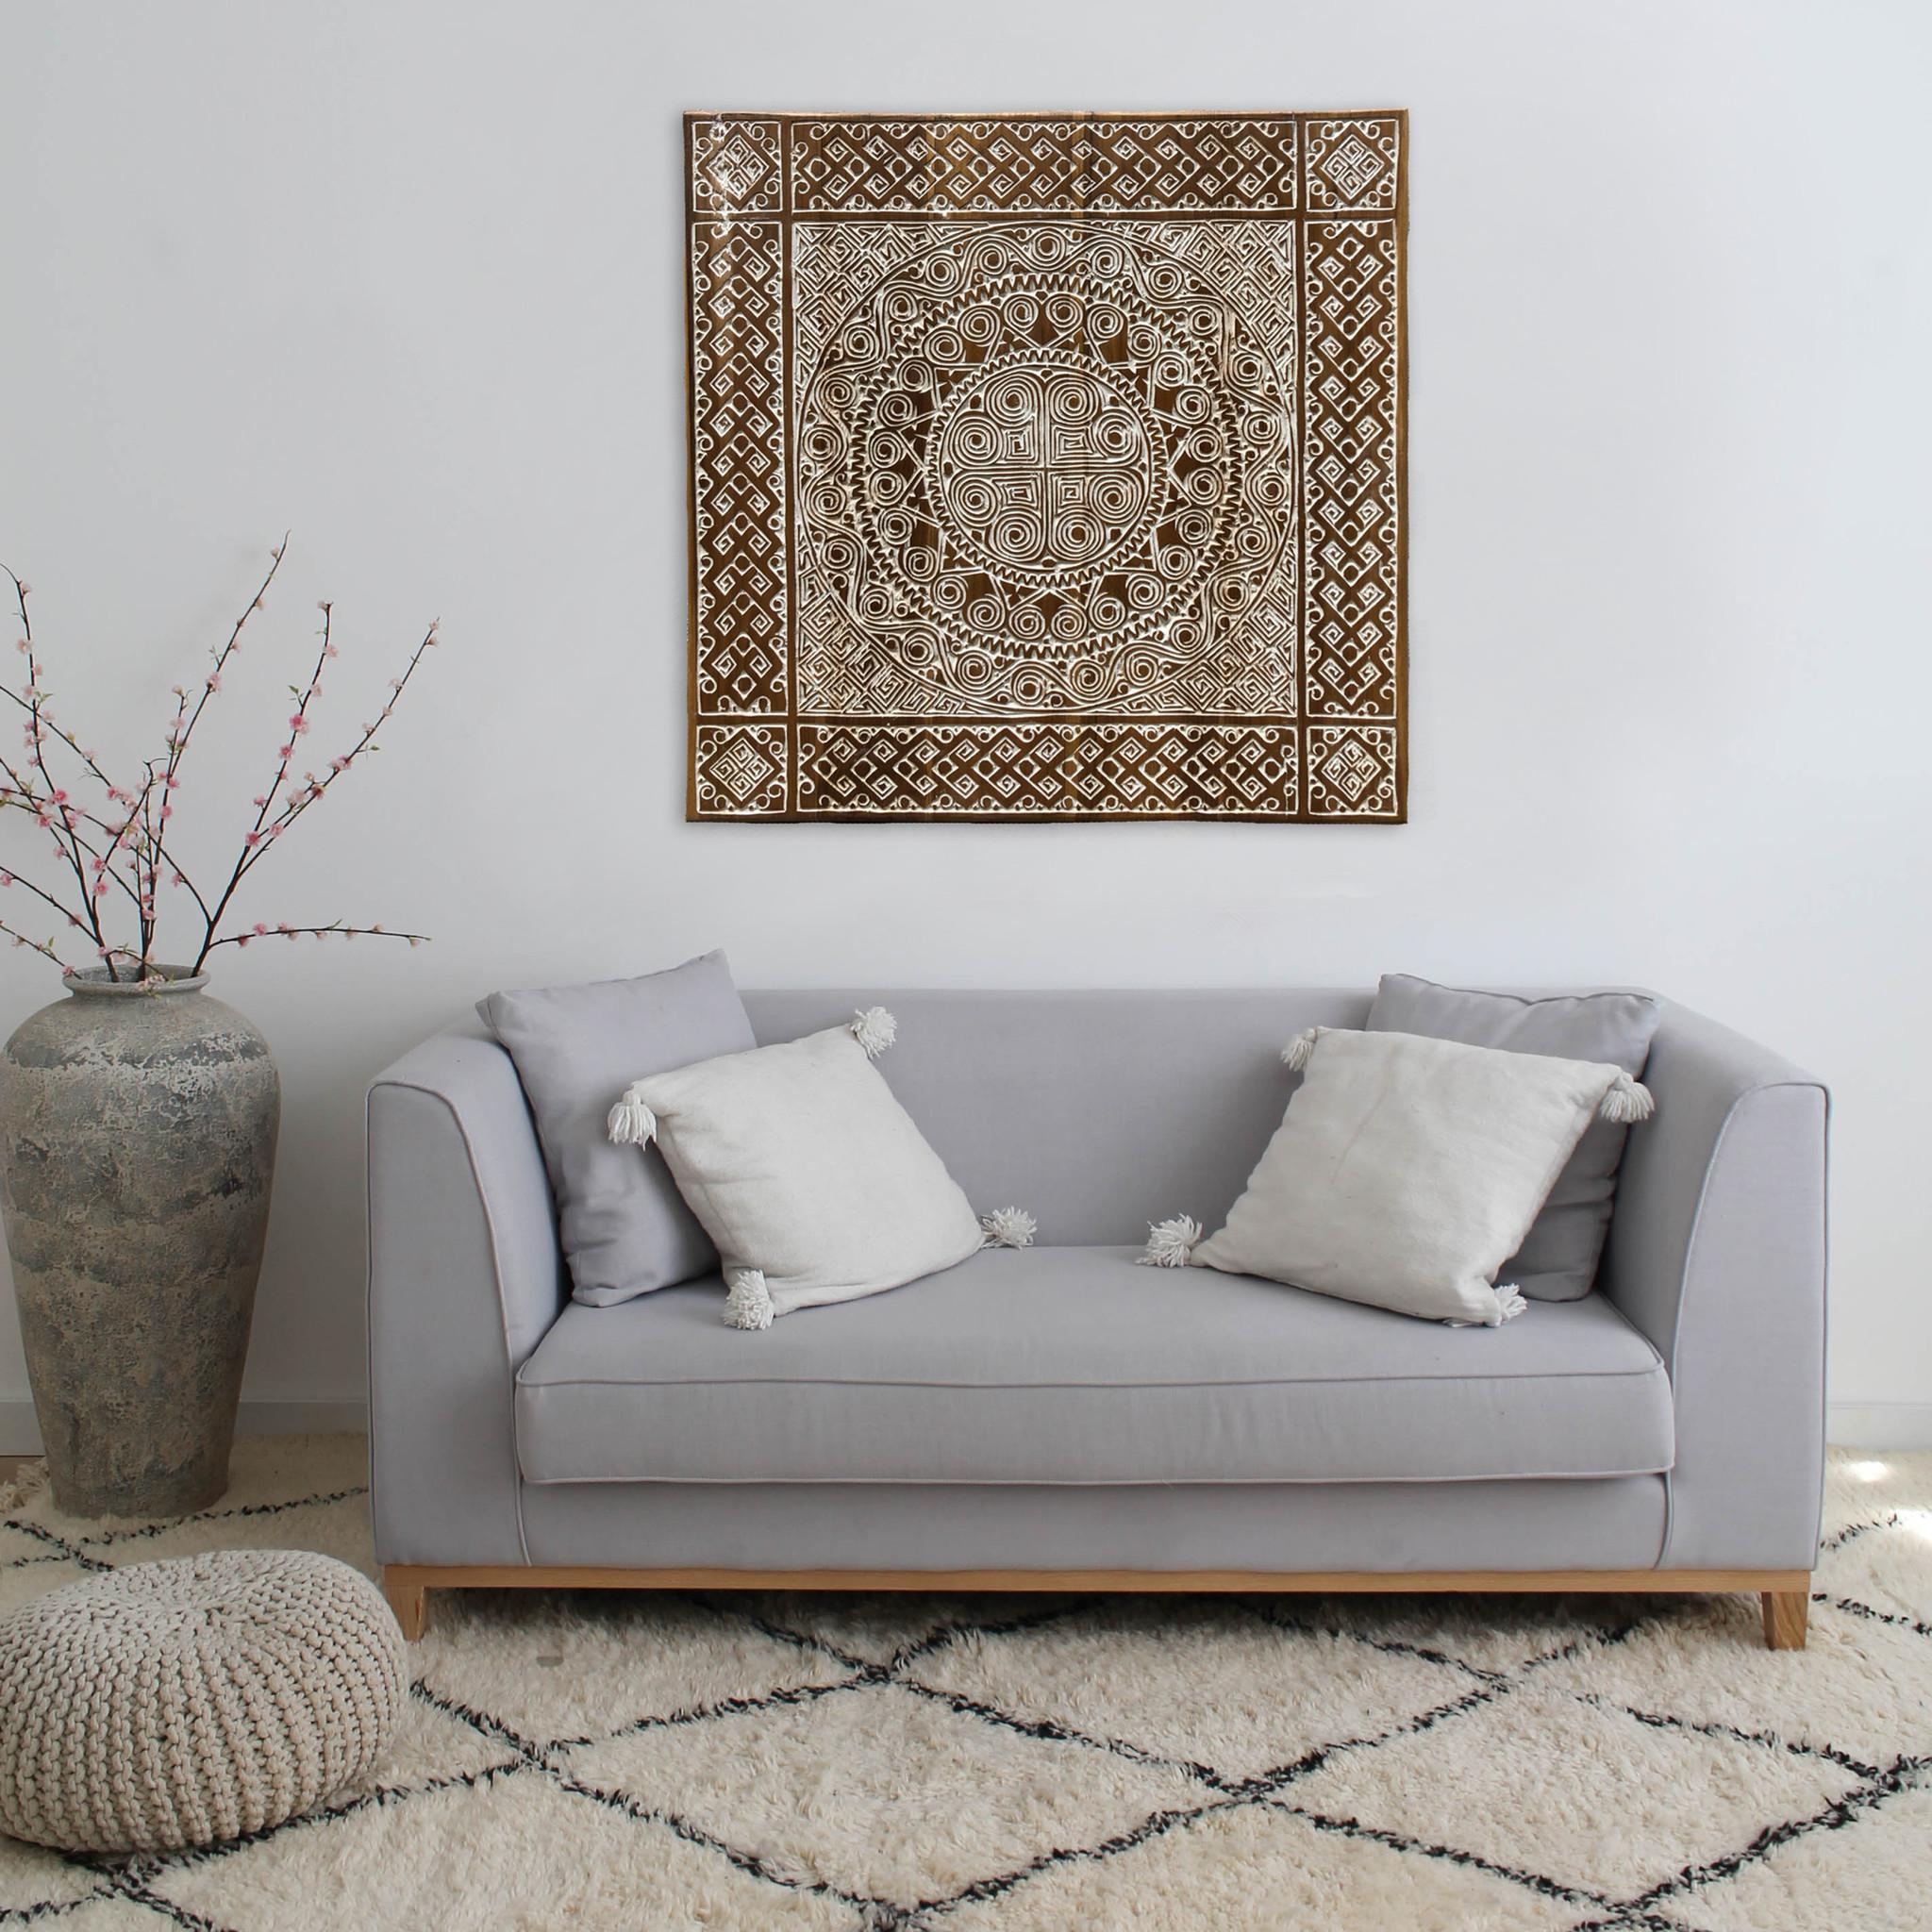 Houtsnijwerk wandpaneel TIMOR, vierkant ( verschillende afmetingen), kleur: antiek bruin